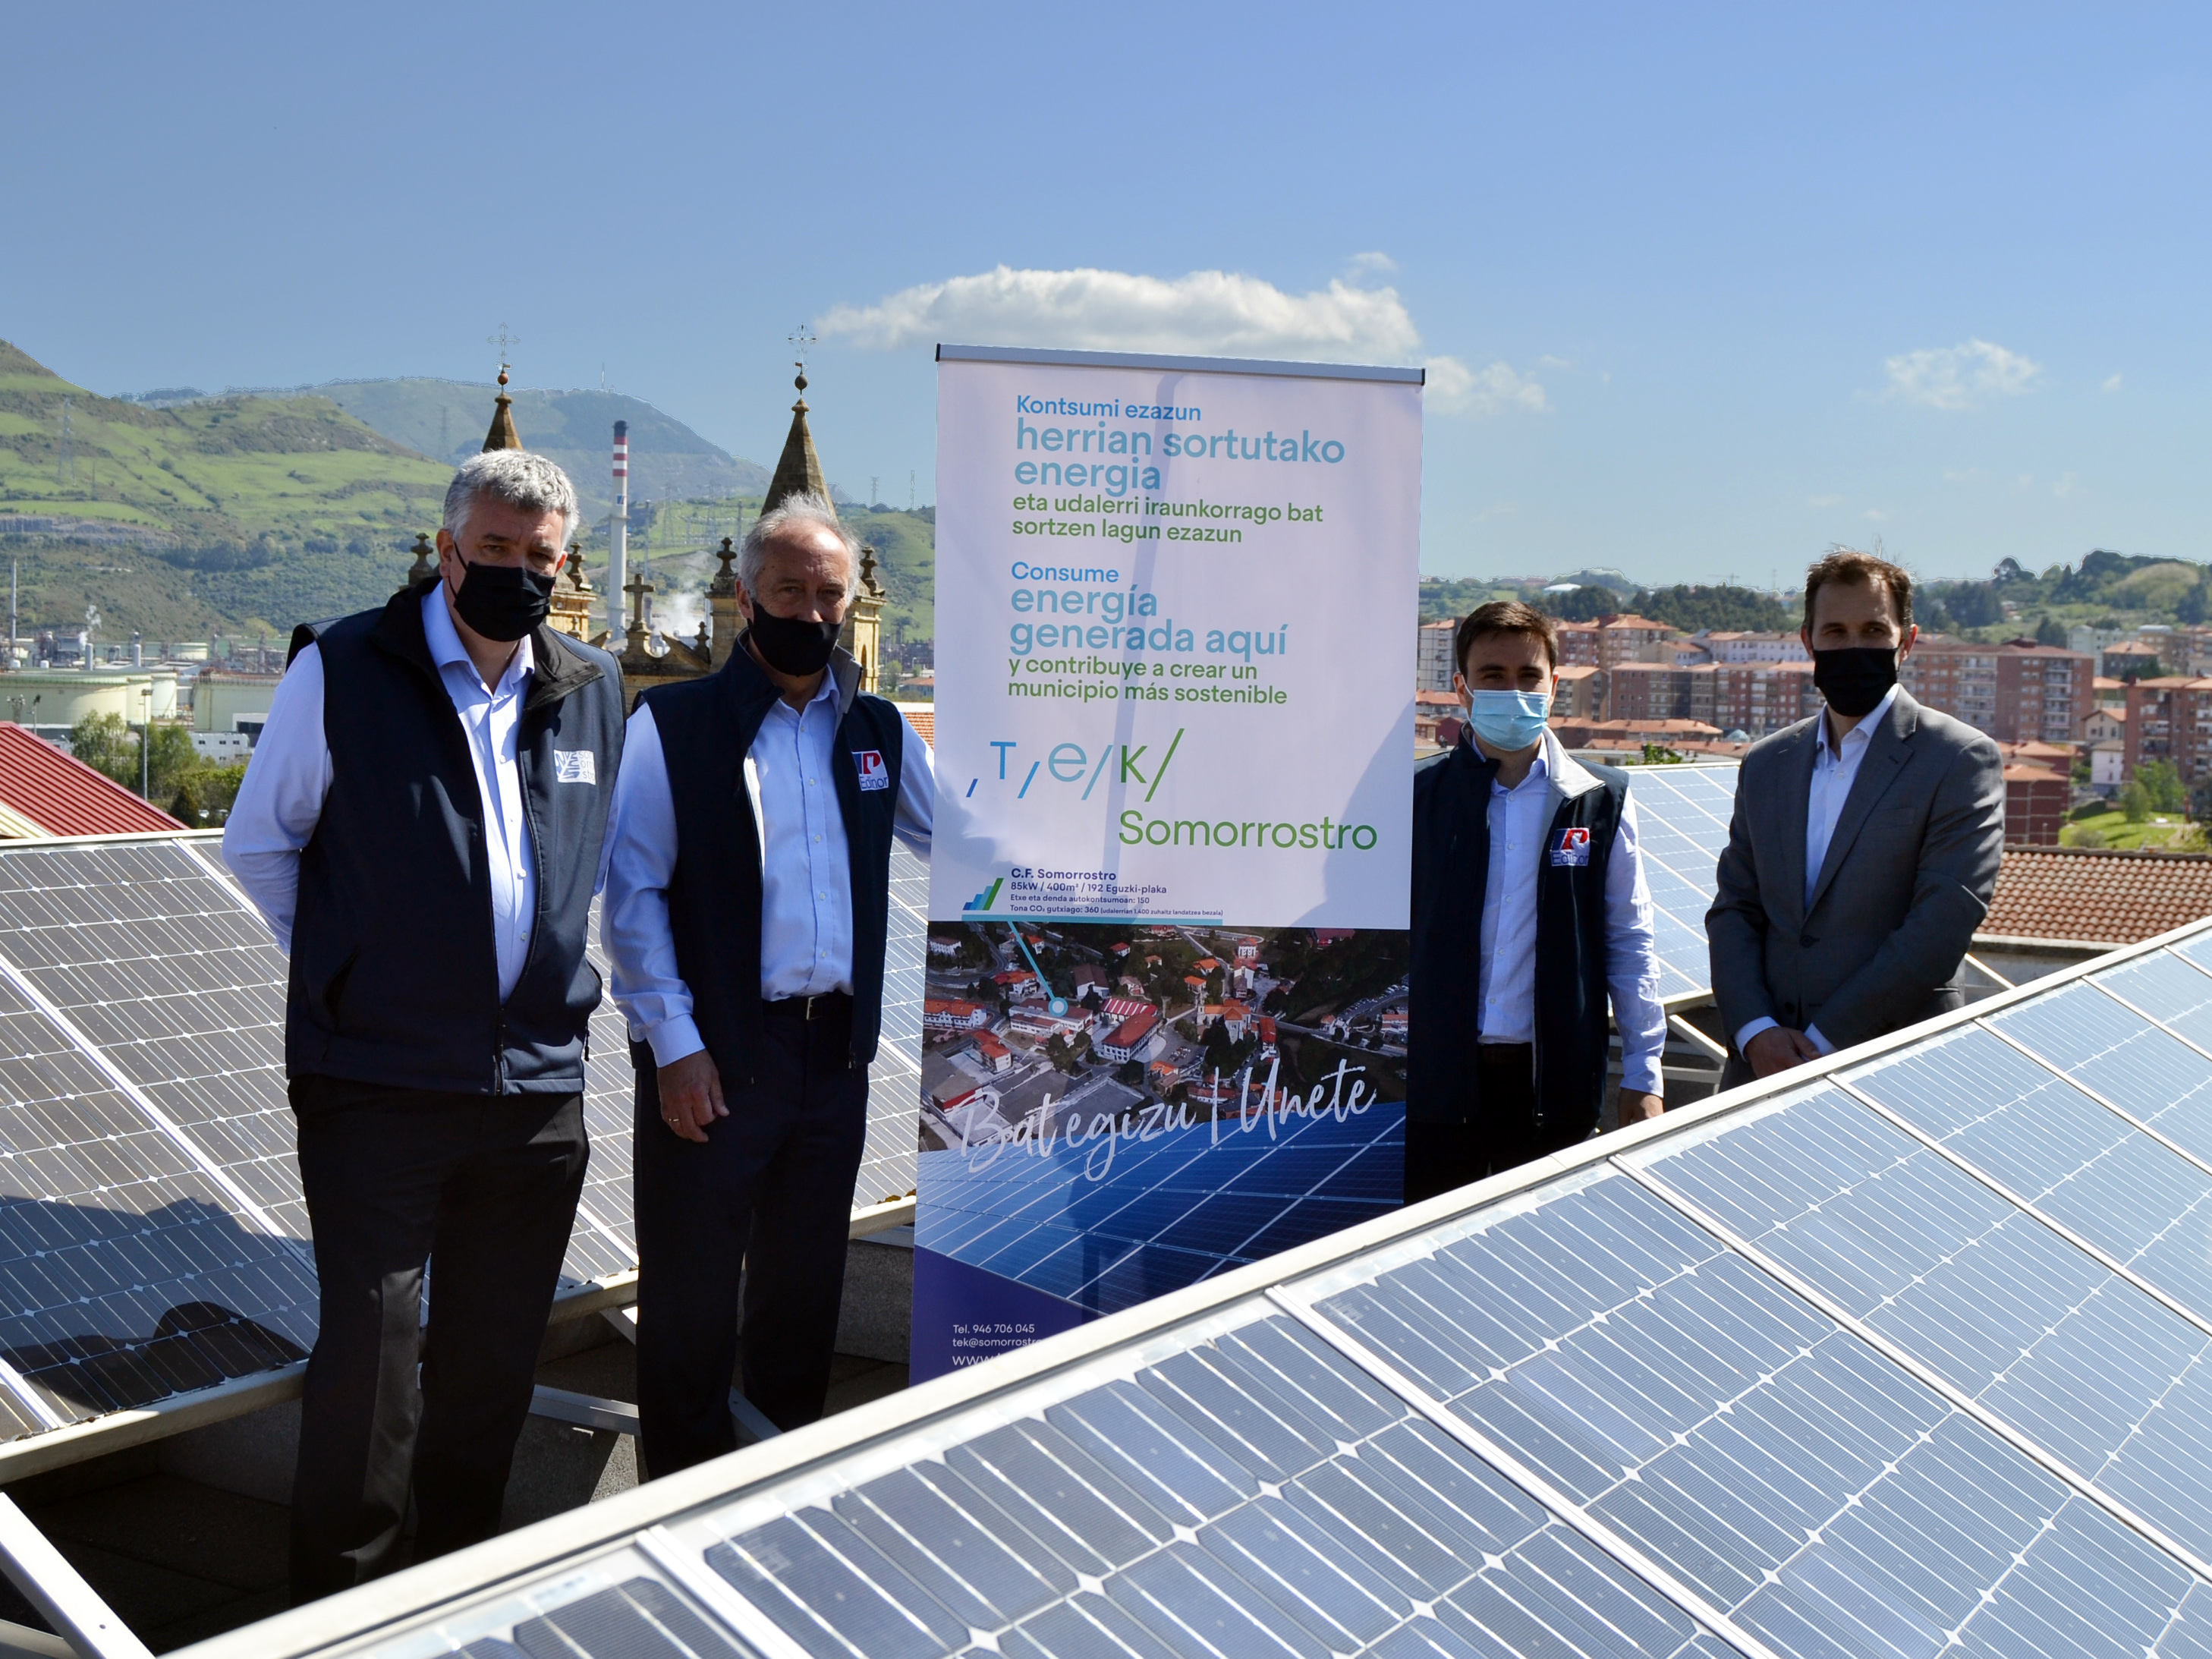 El Centro de Formación Somorrostro y Edinor lanzan la primera Comunidad Energética Escolar en Euskadi